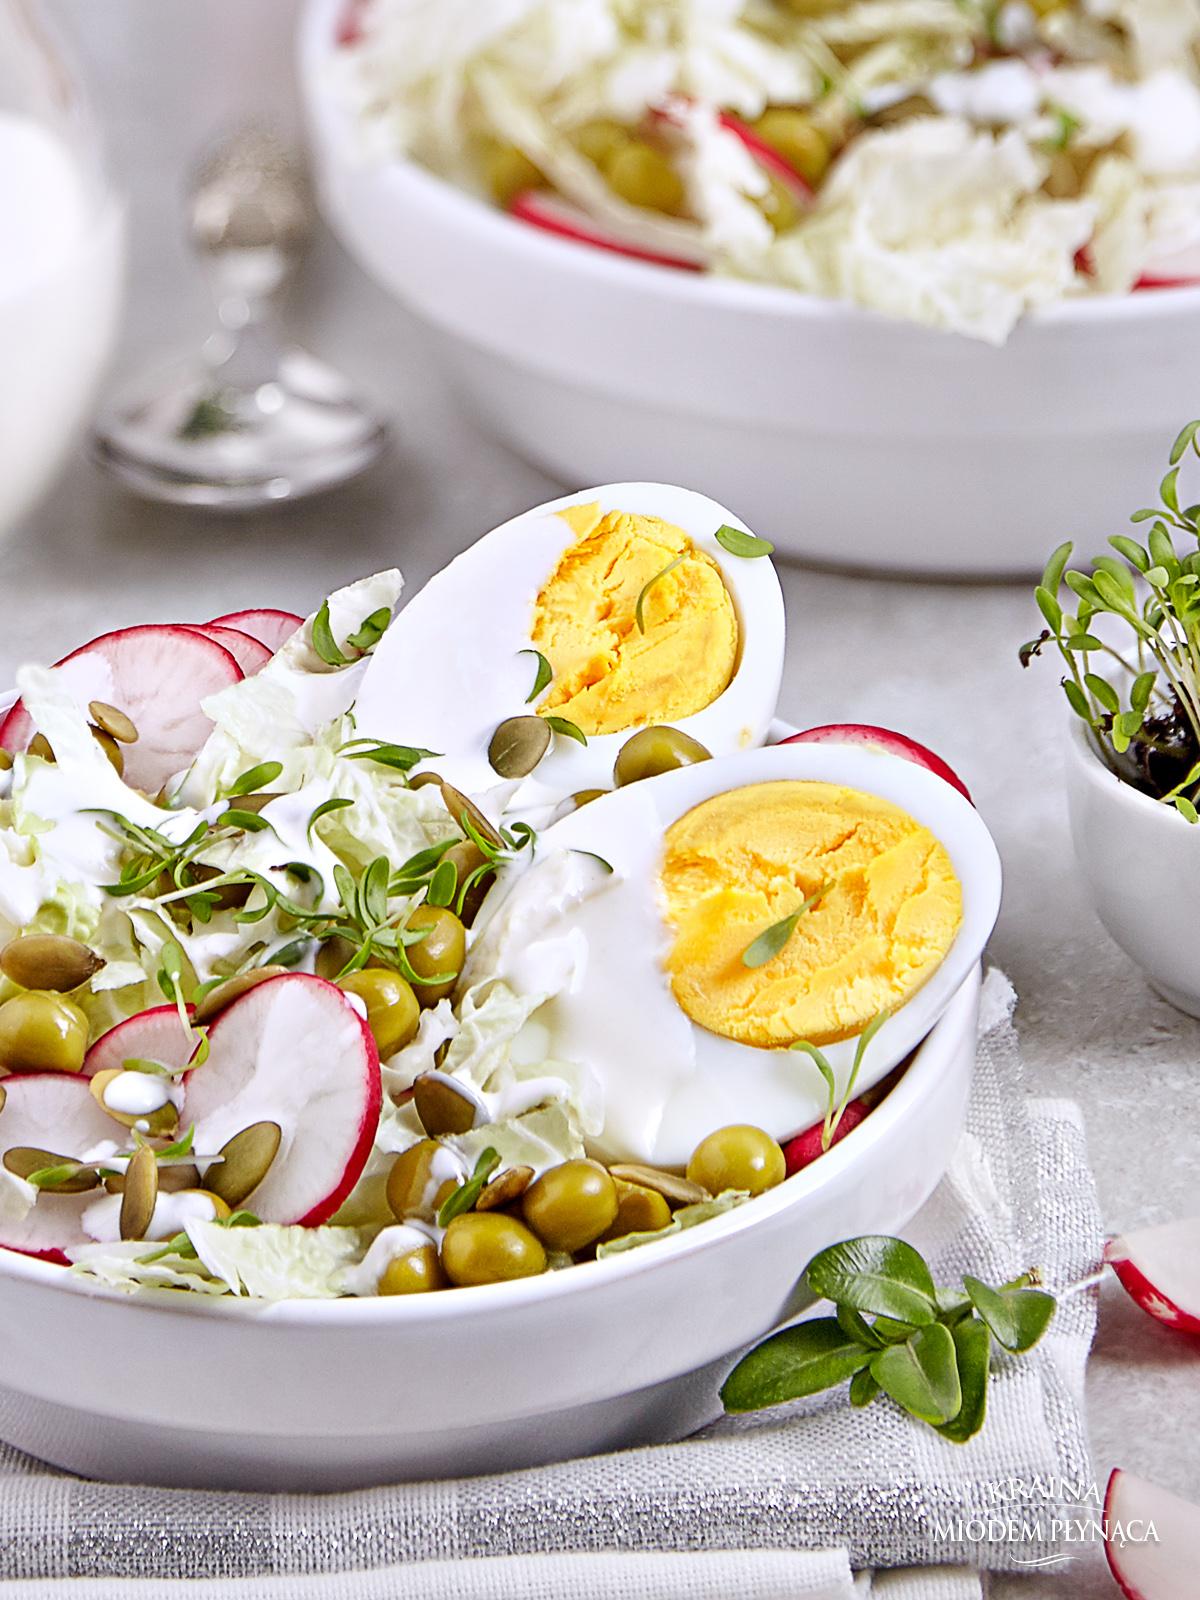 sałatka z jajkiem, sałatka z rzodkiewką, sałatka z groszkiem, sałatka z kapustą pekińską, sałatka ze świeżymi warzywami, sos chrzanowy do sałatki, sałatka na wielkanoc, kraina miodem płynąca